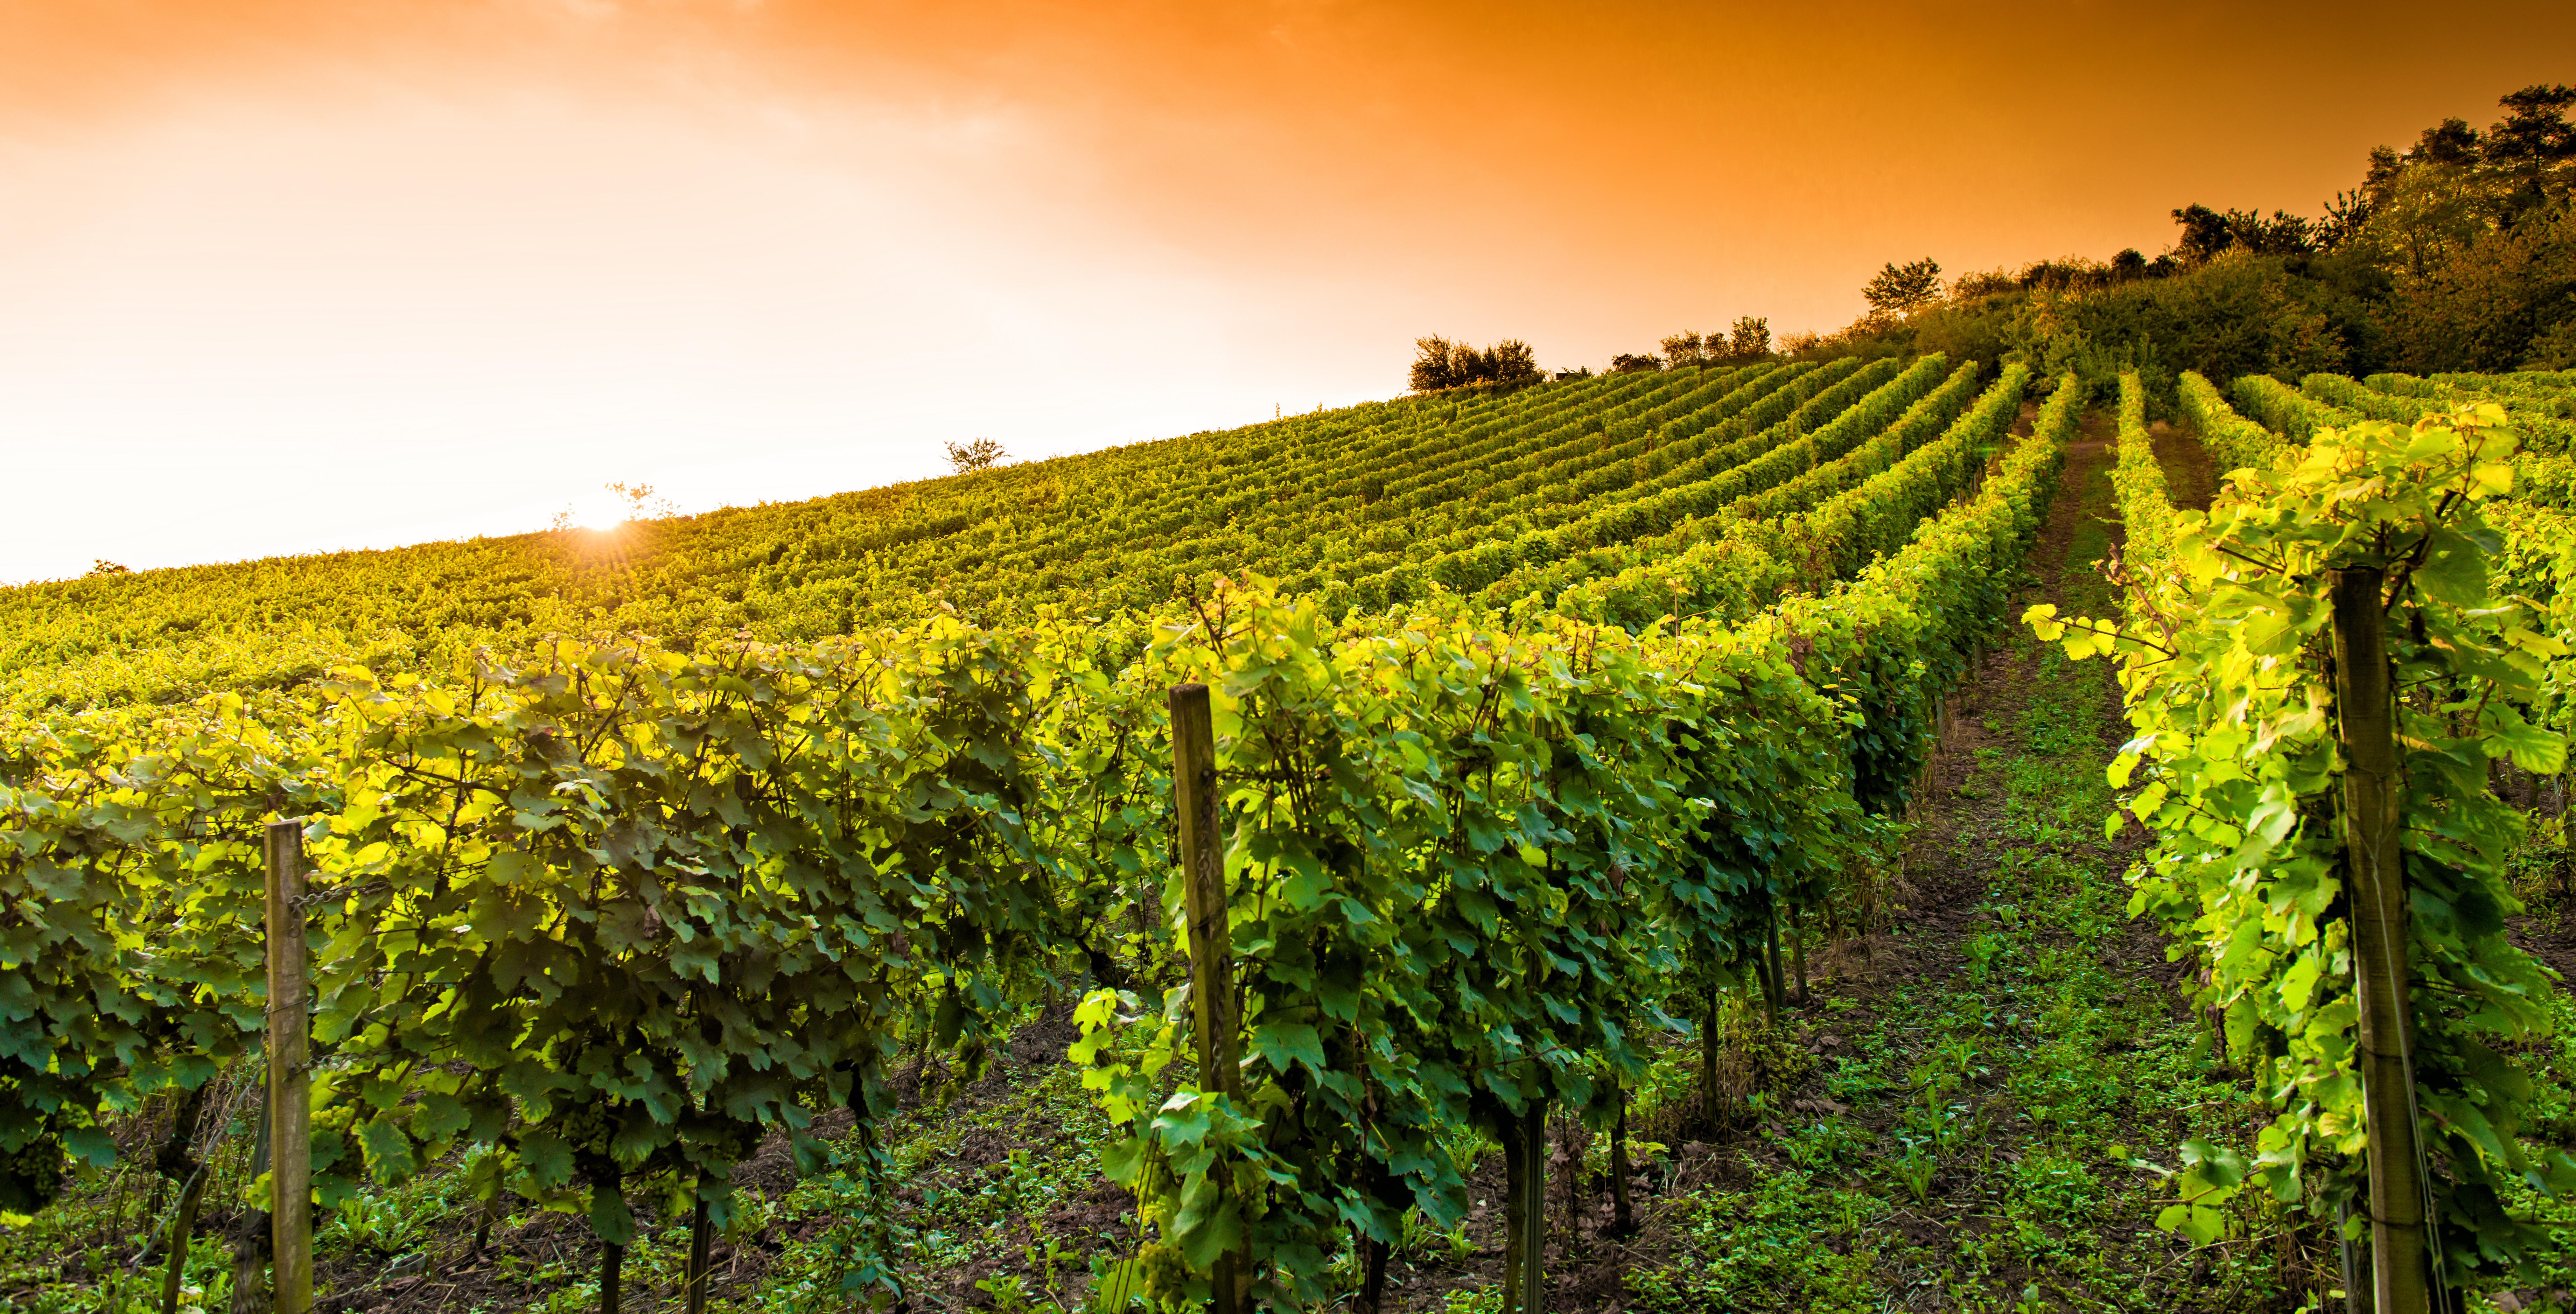 Le vin de bourgogne, un vin soigné